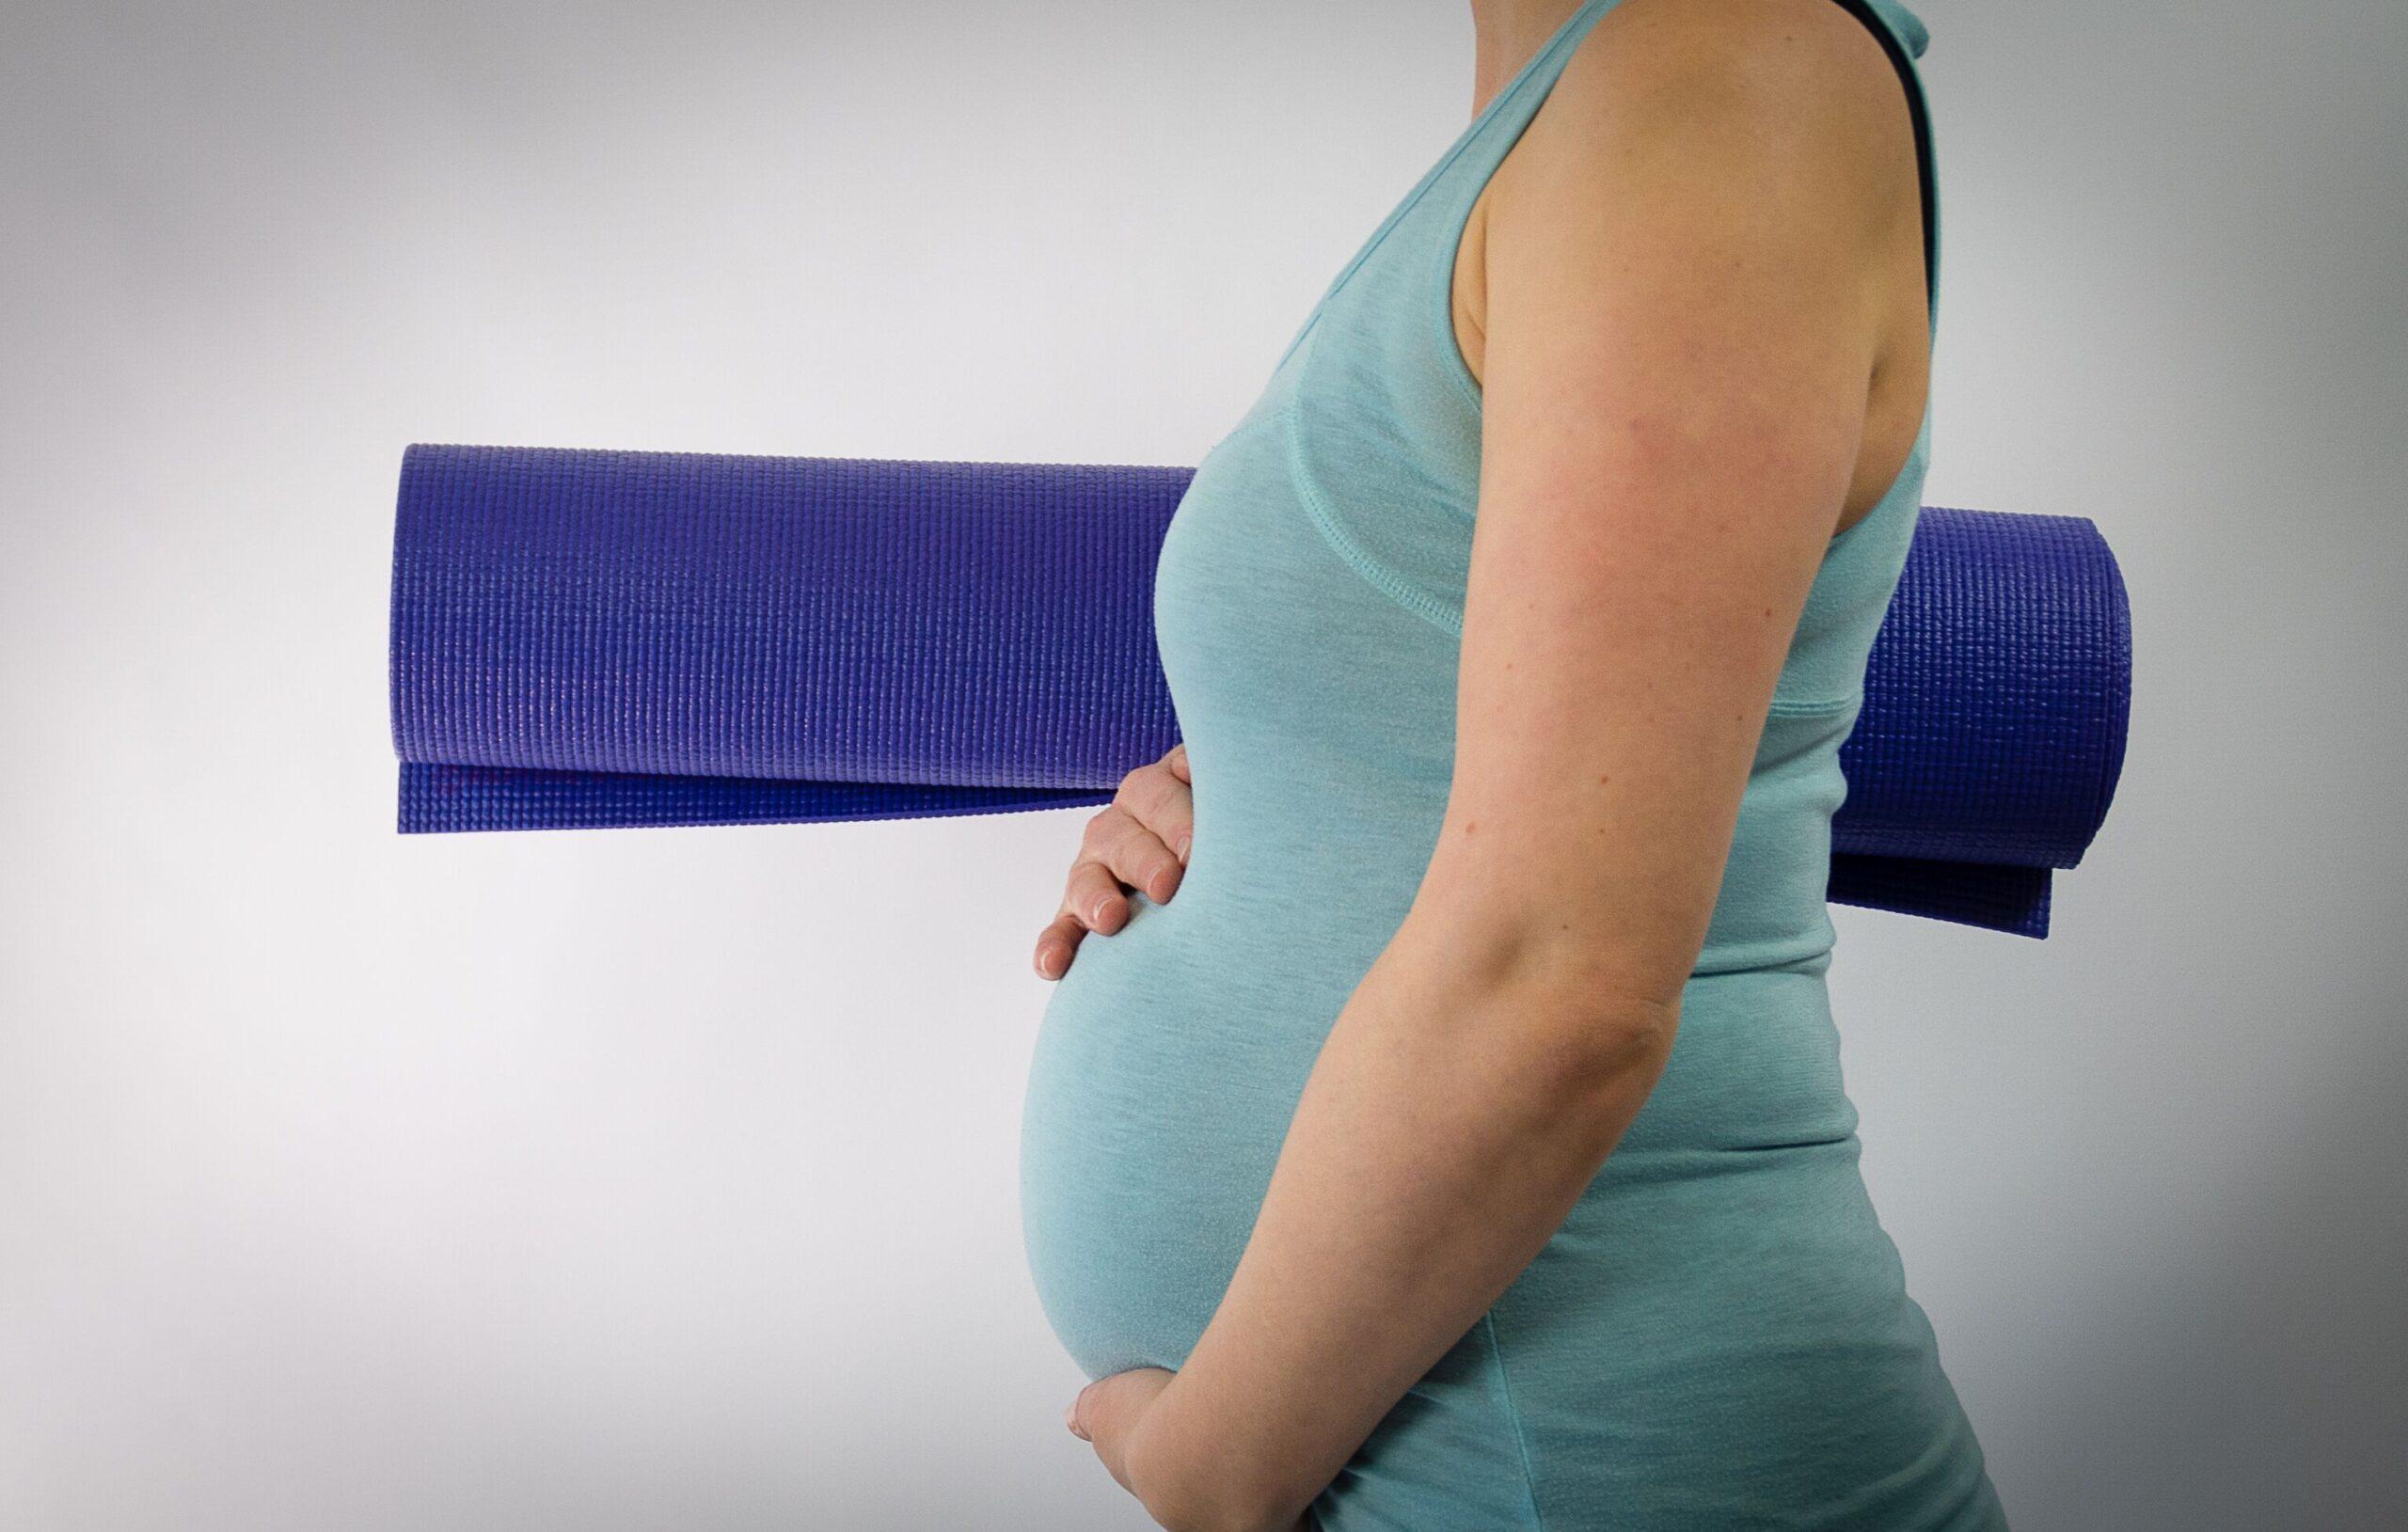 Saffrons Yoga Slide 1